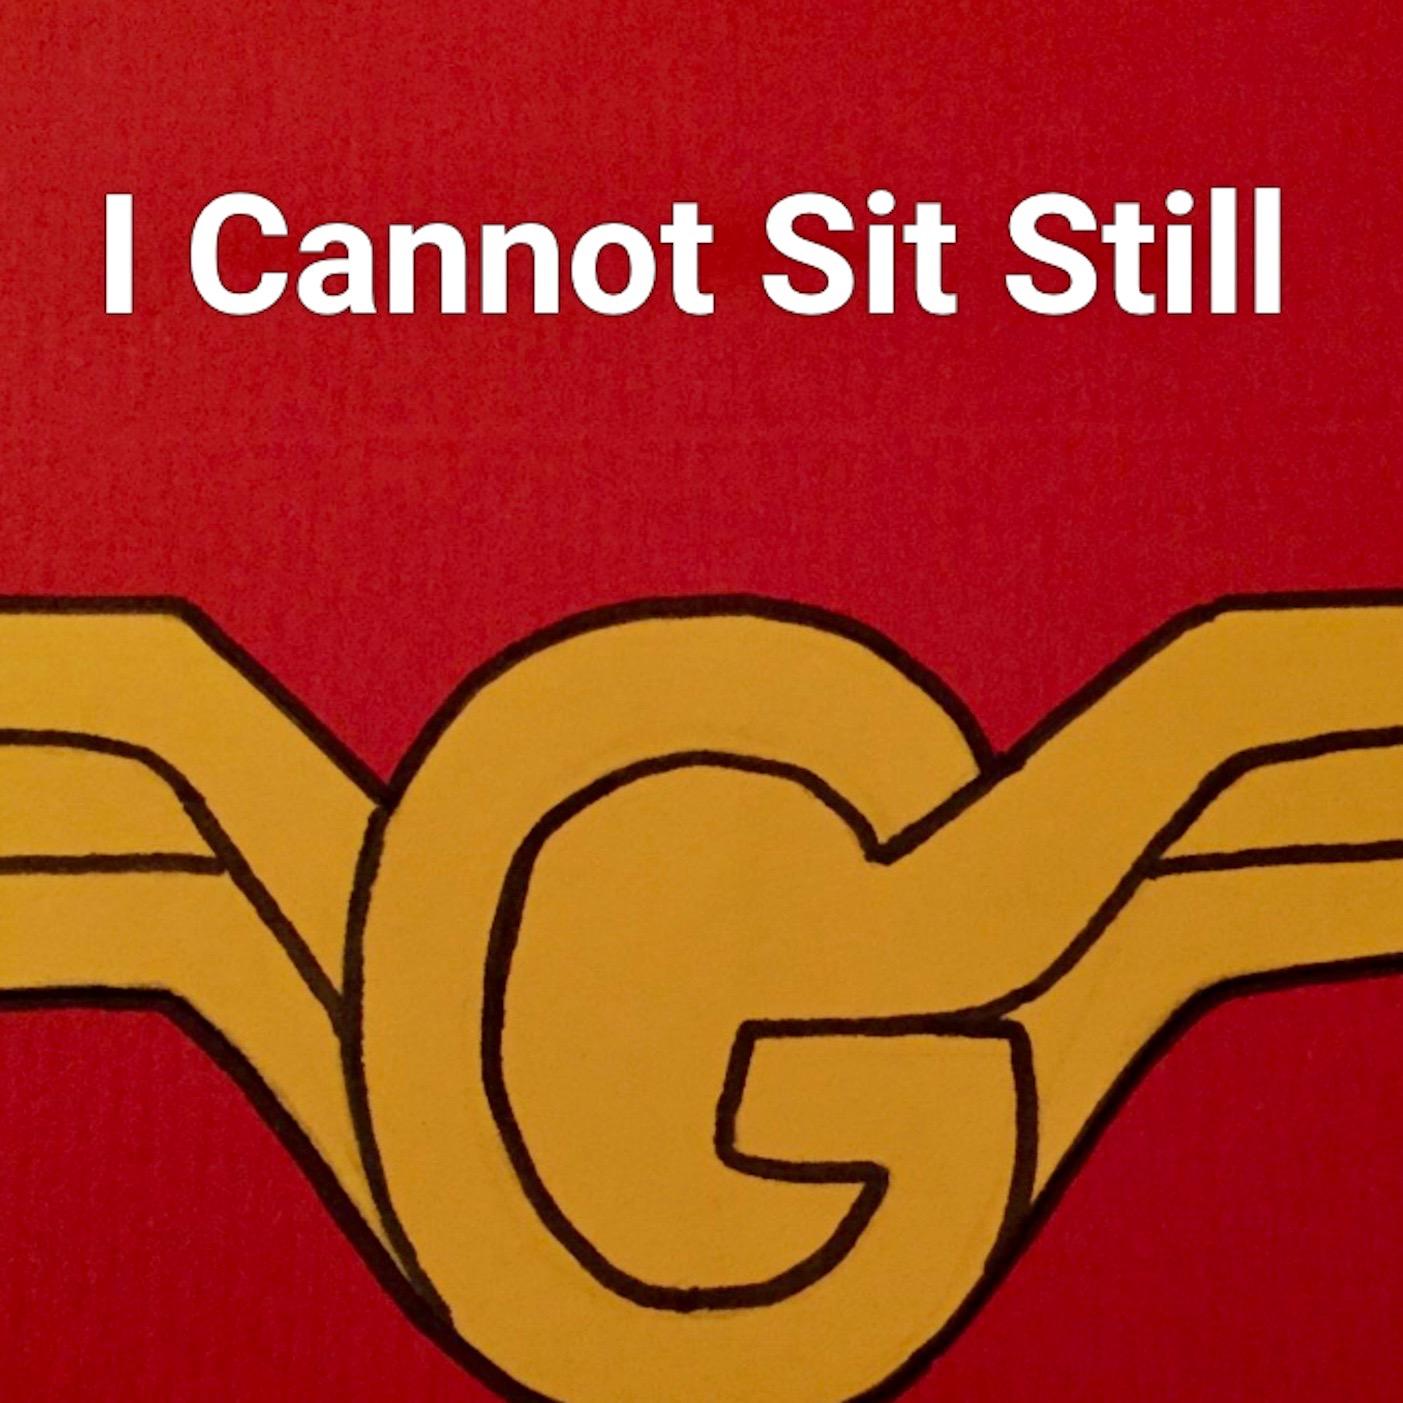 Les Podcasts de I Cannot Sit Still